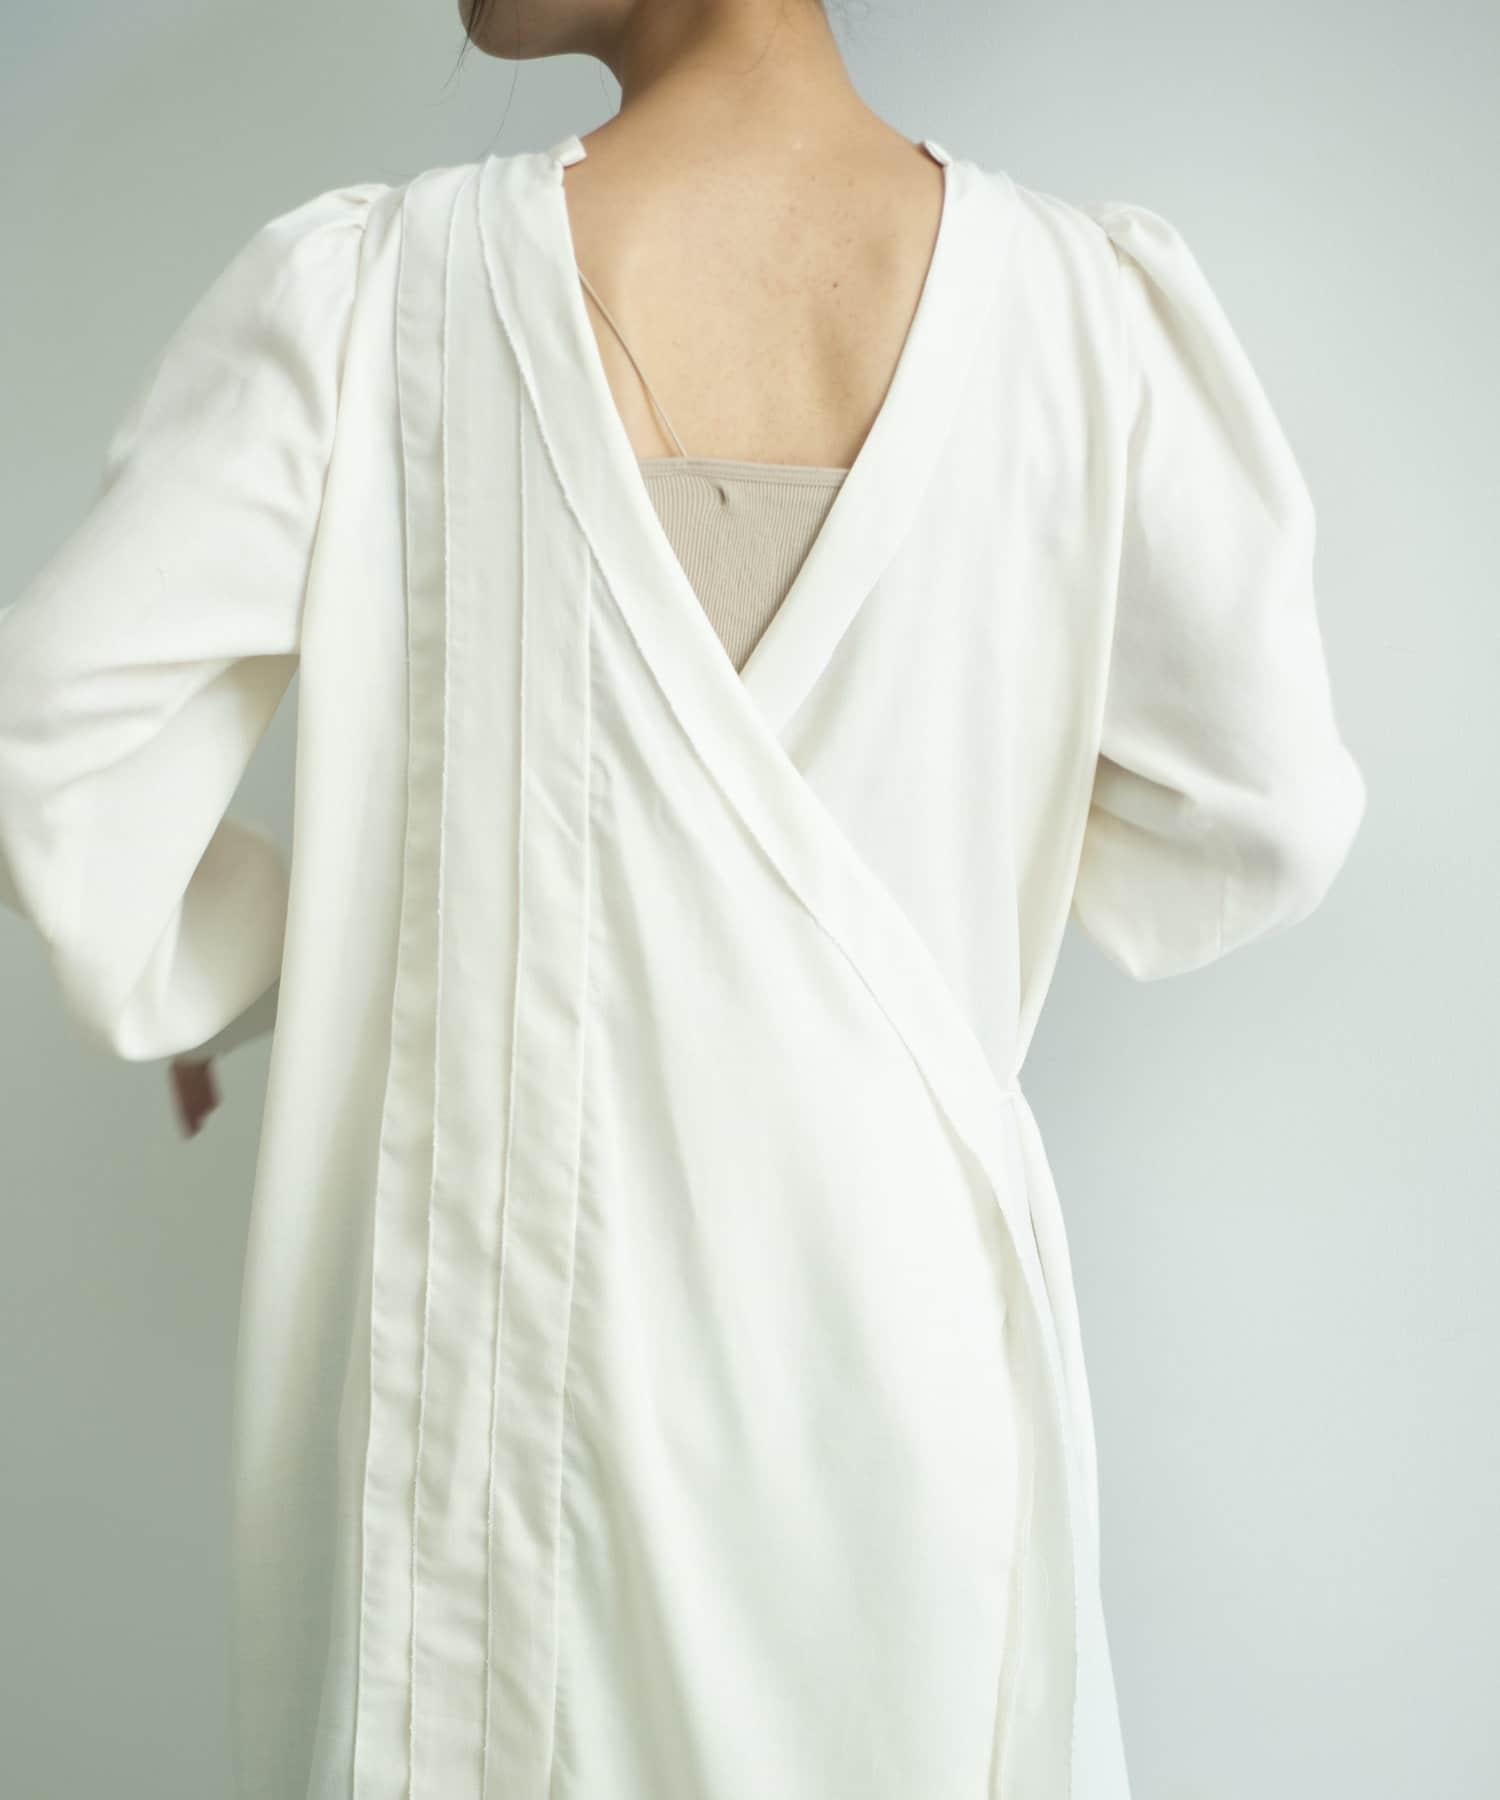 Kastane(カスタネ) 【 ONEME 】Warmth Lady Gown One piece